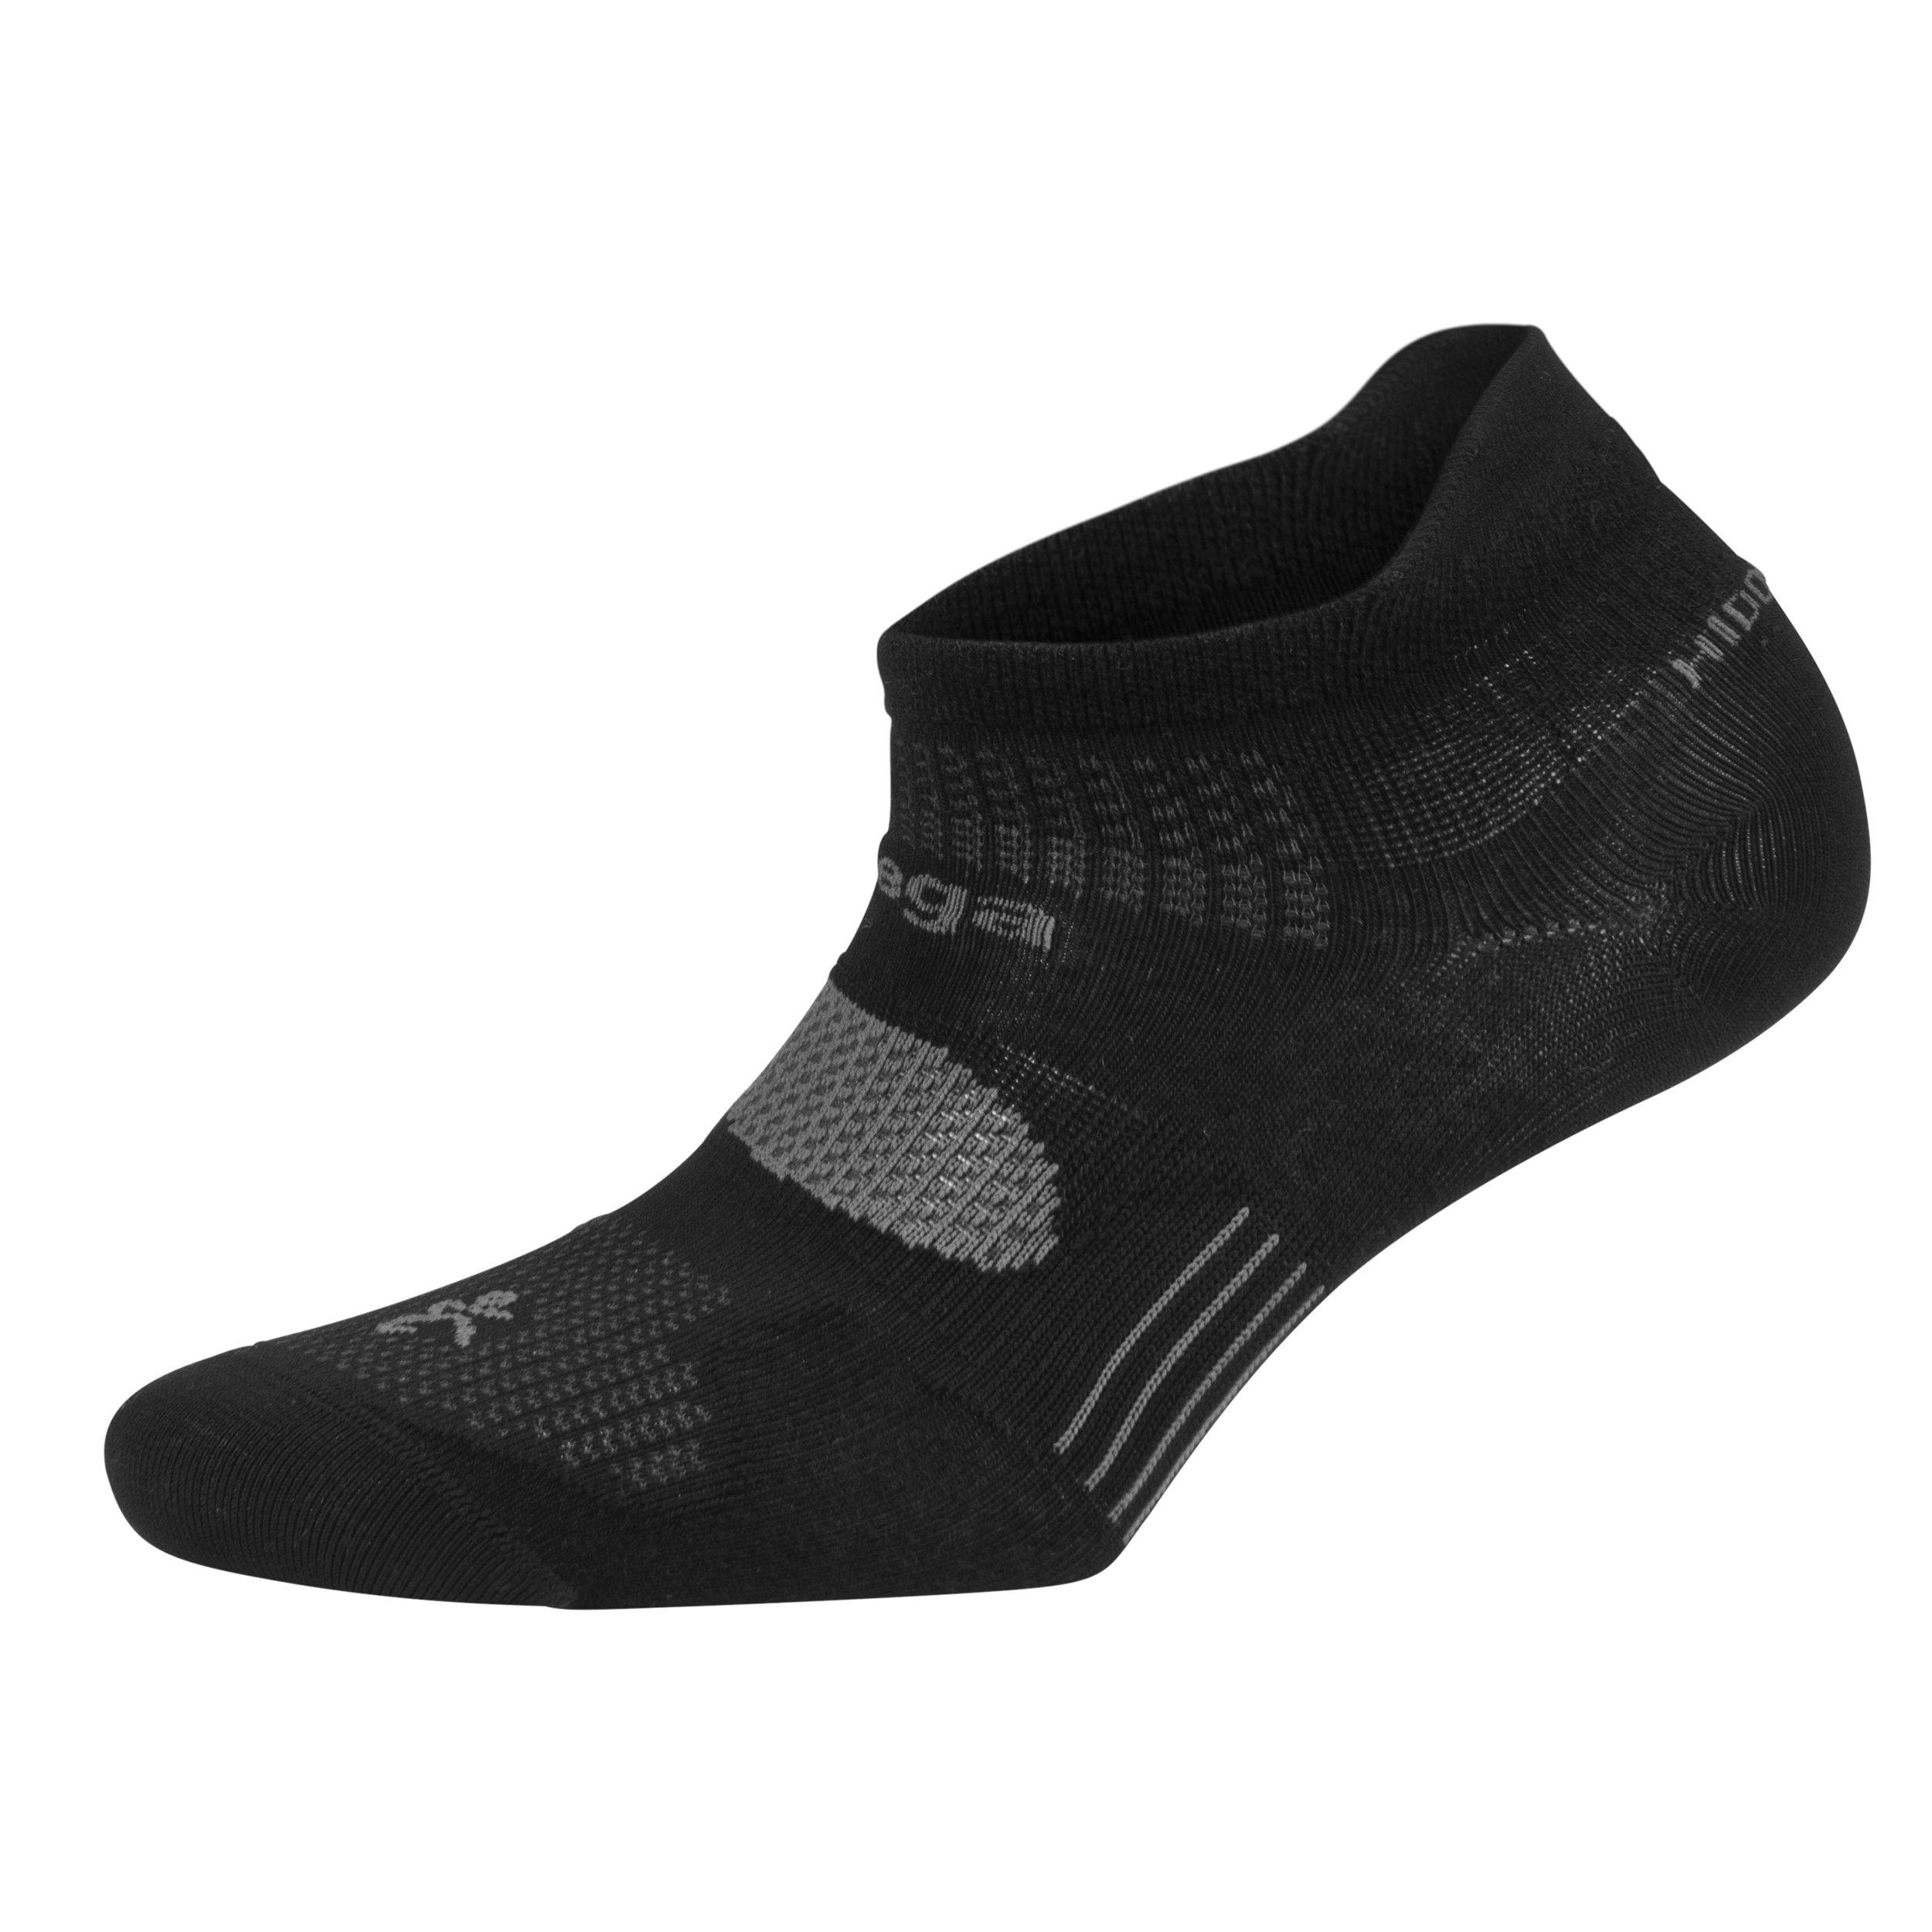 Balega Hidden Dry Moisture-Wicking Socks For Men and Women (1 Pair), Black, Large